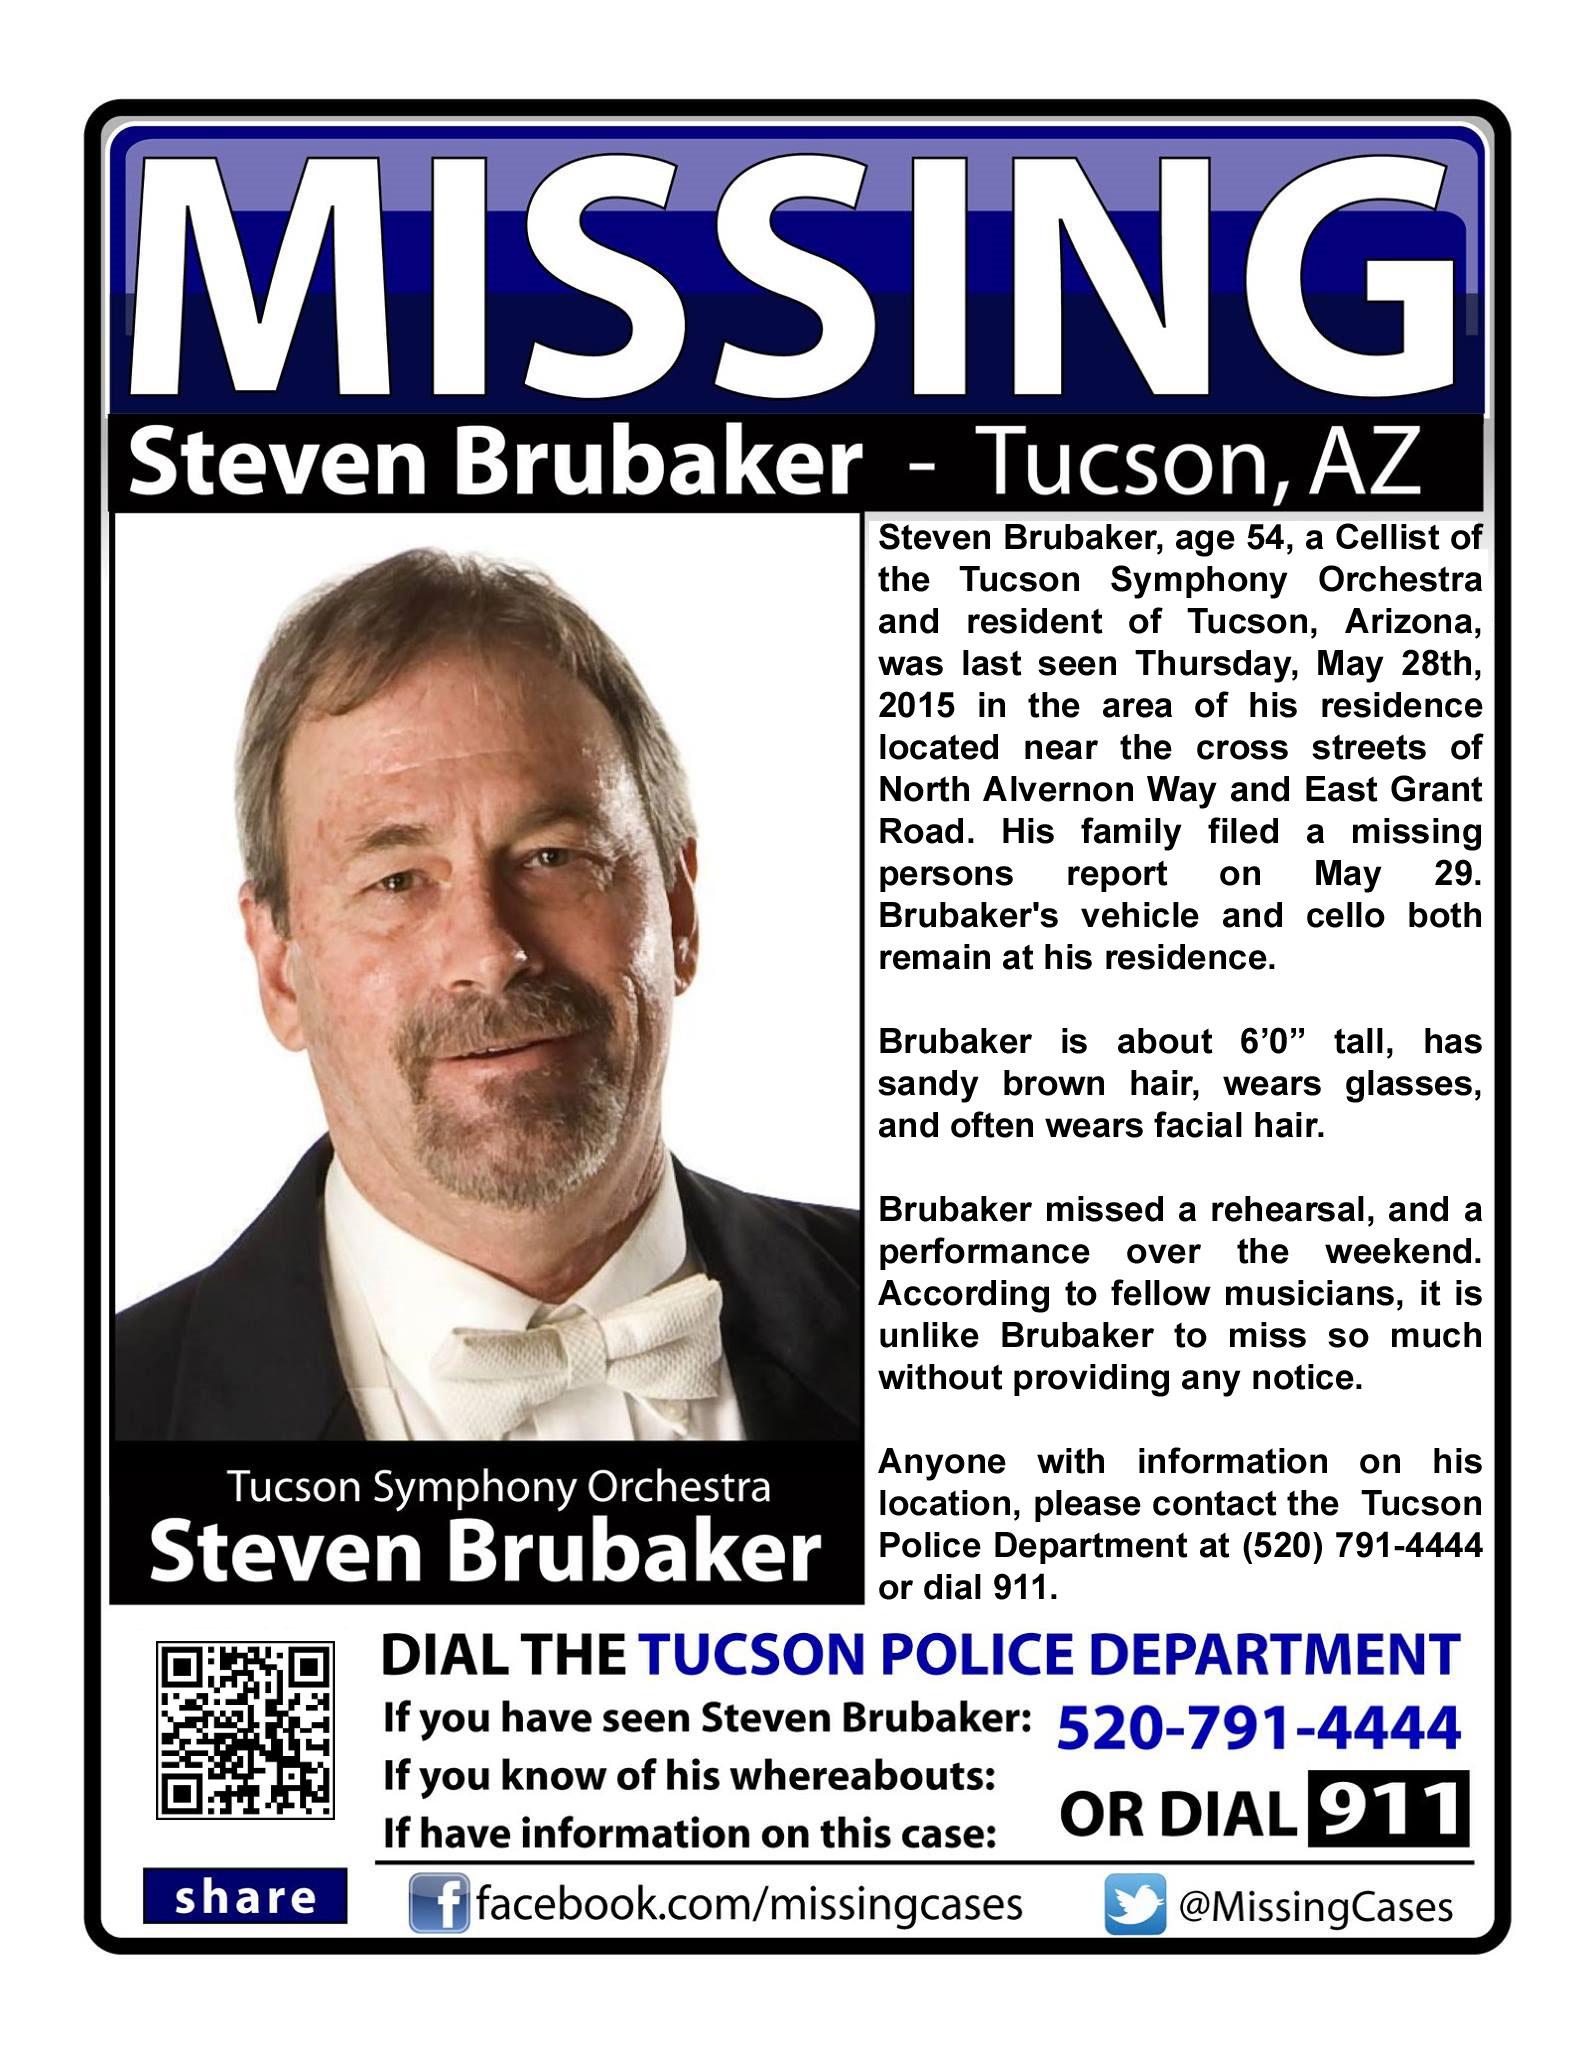 Steven Brubaker